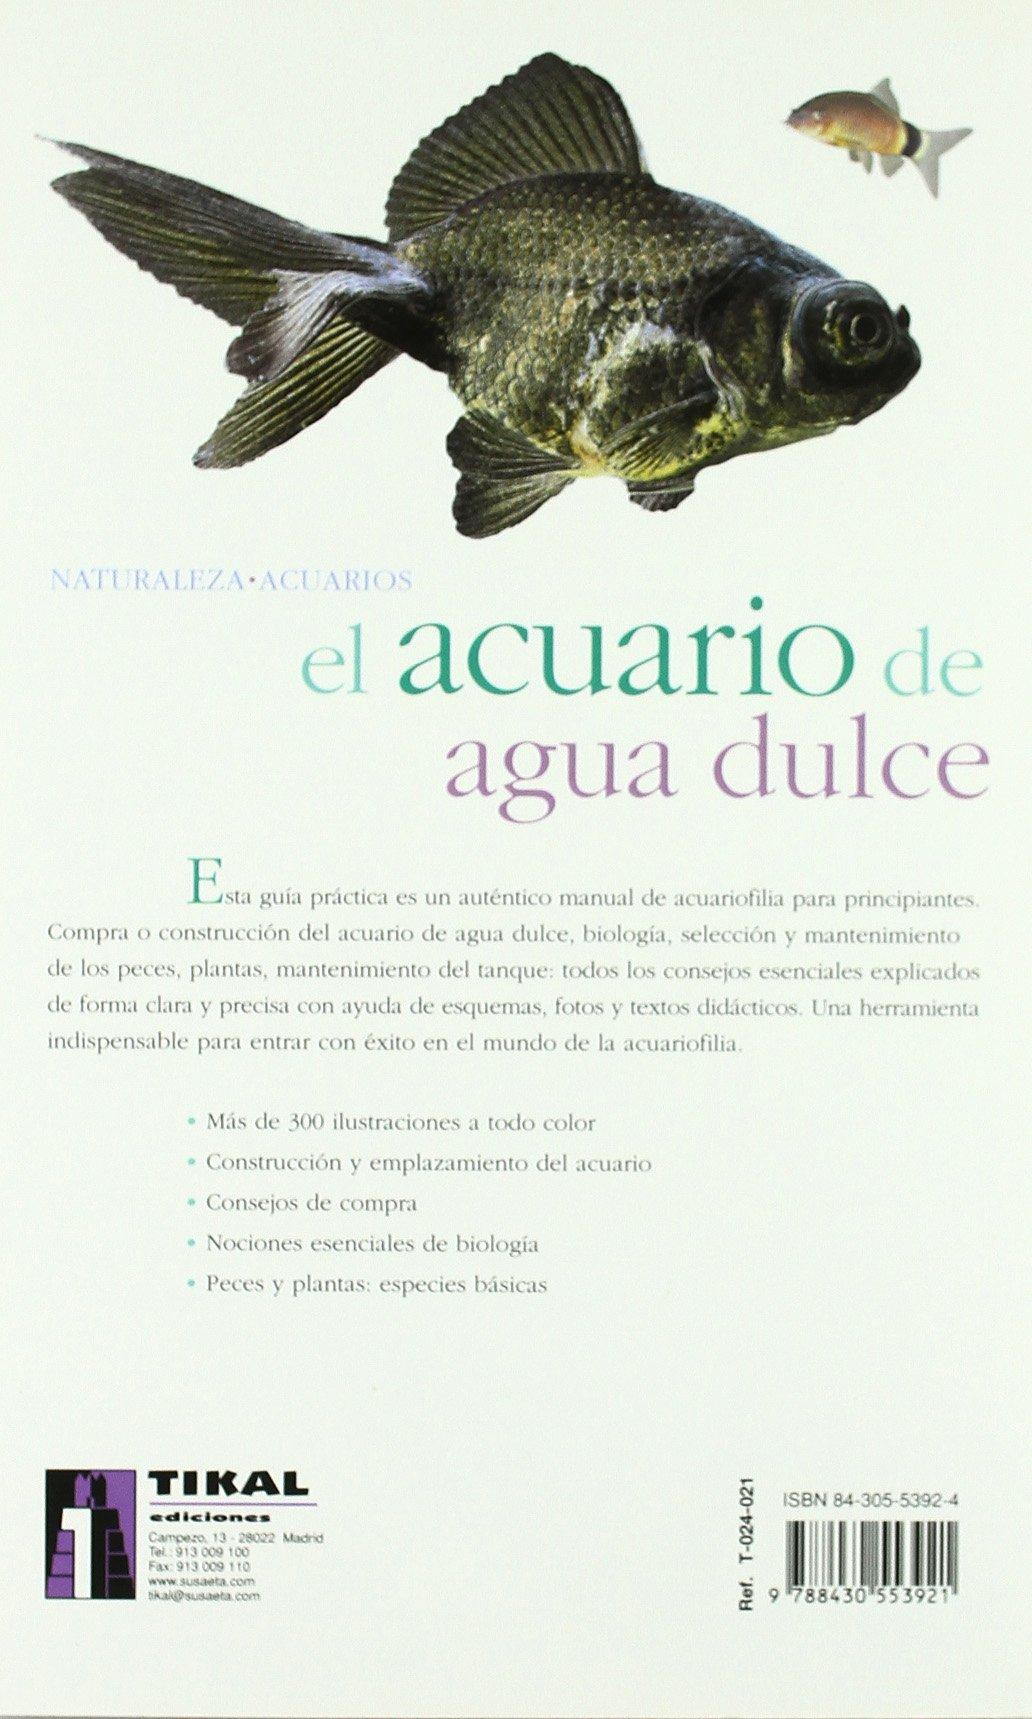 Acuario De Agua Dulce(Naturaleza-Acuarios): Amazon.es: Losange, Herminia Bevia Villalba, Antonio Resines: Libros